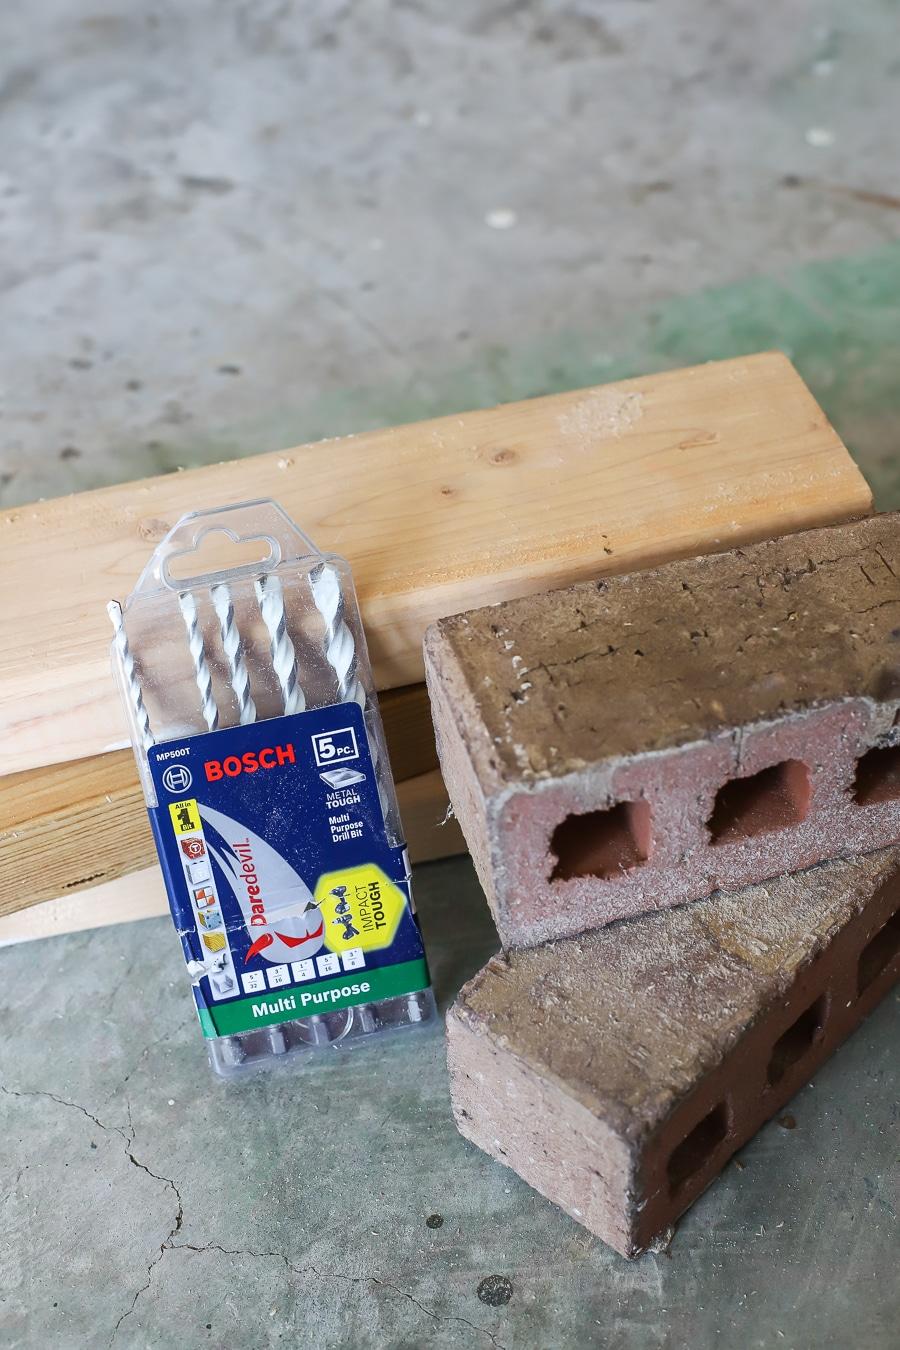 Bosch multi-purpose drill bits